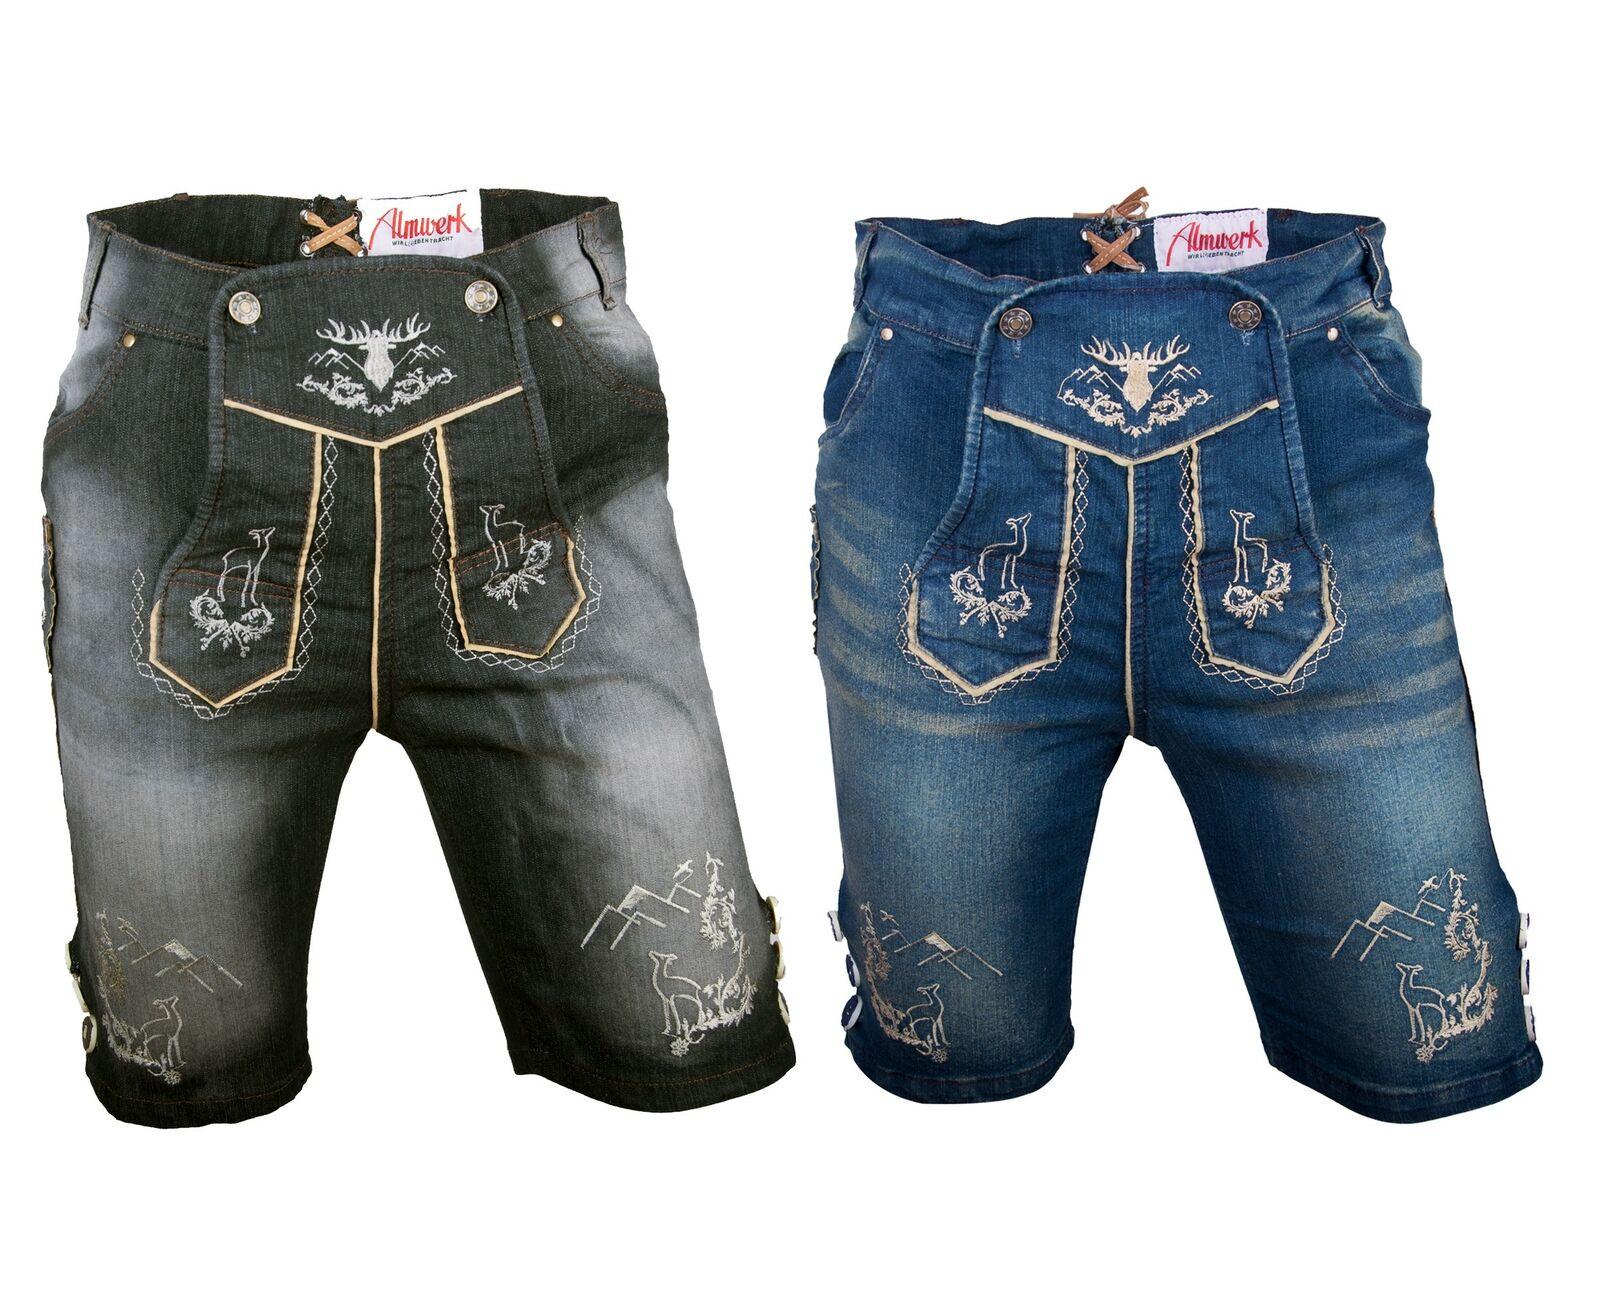 Almwerk Herren Trachten Jeans Lederhose kurz Platzhirsch in schwarz und blau